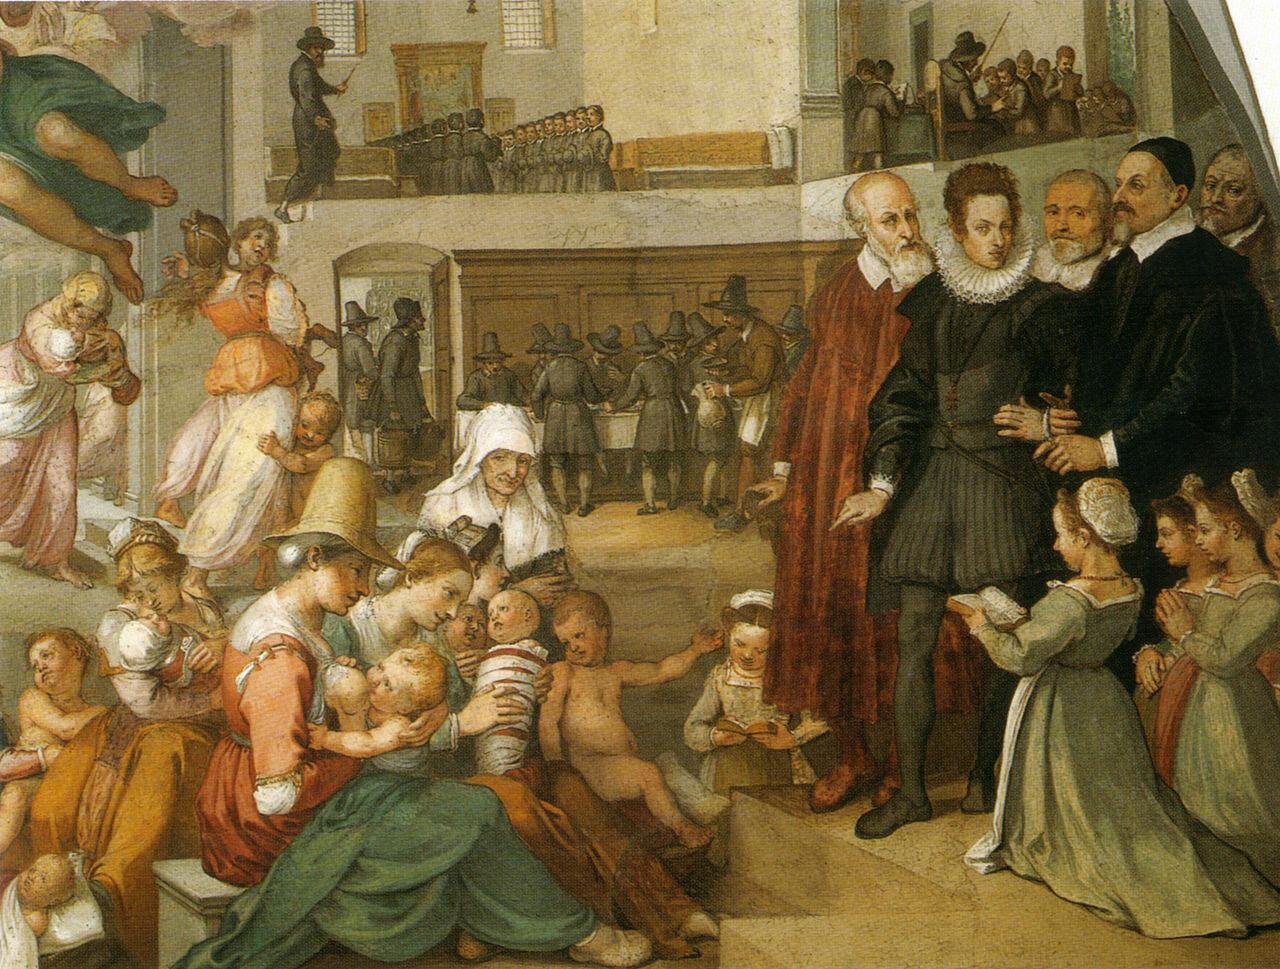 1280px-Bernardino_poccetti,_strage_degli_innocenti_(dettaglio),_spedale_degli_Innocenti,_firenze,_1610.jpg